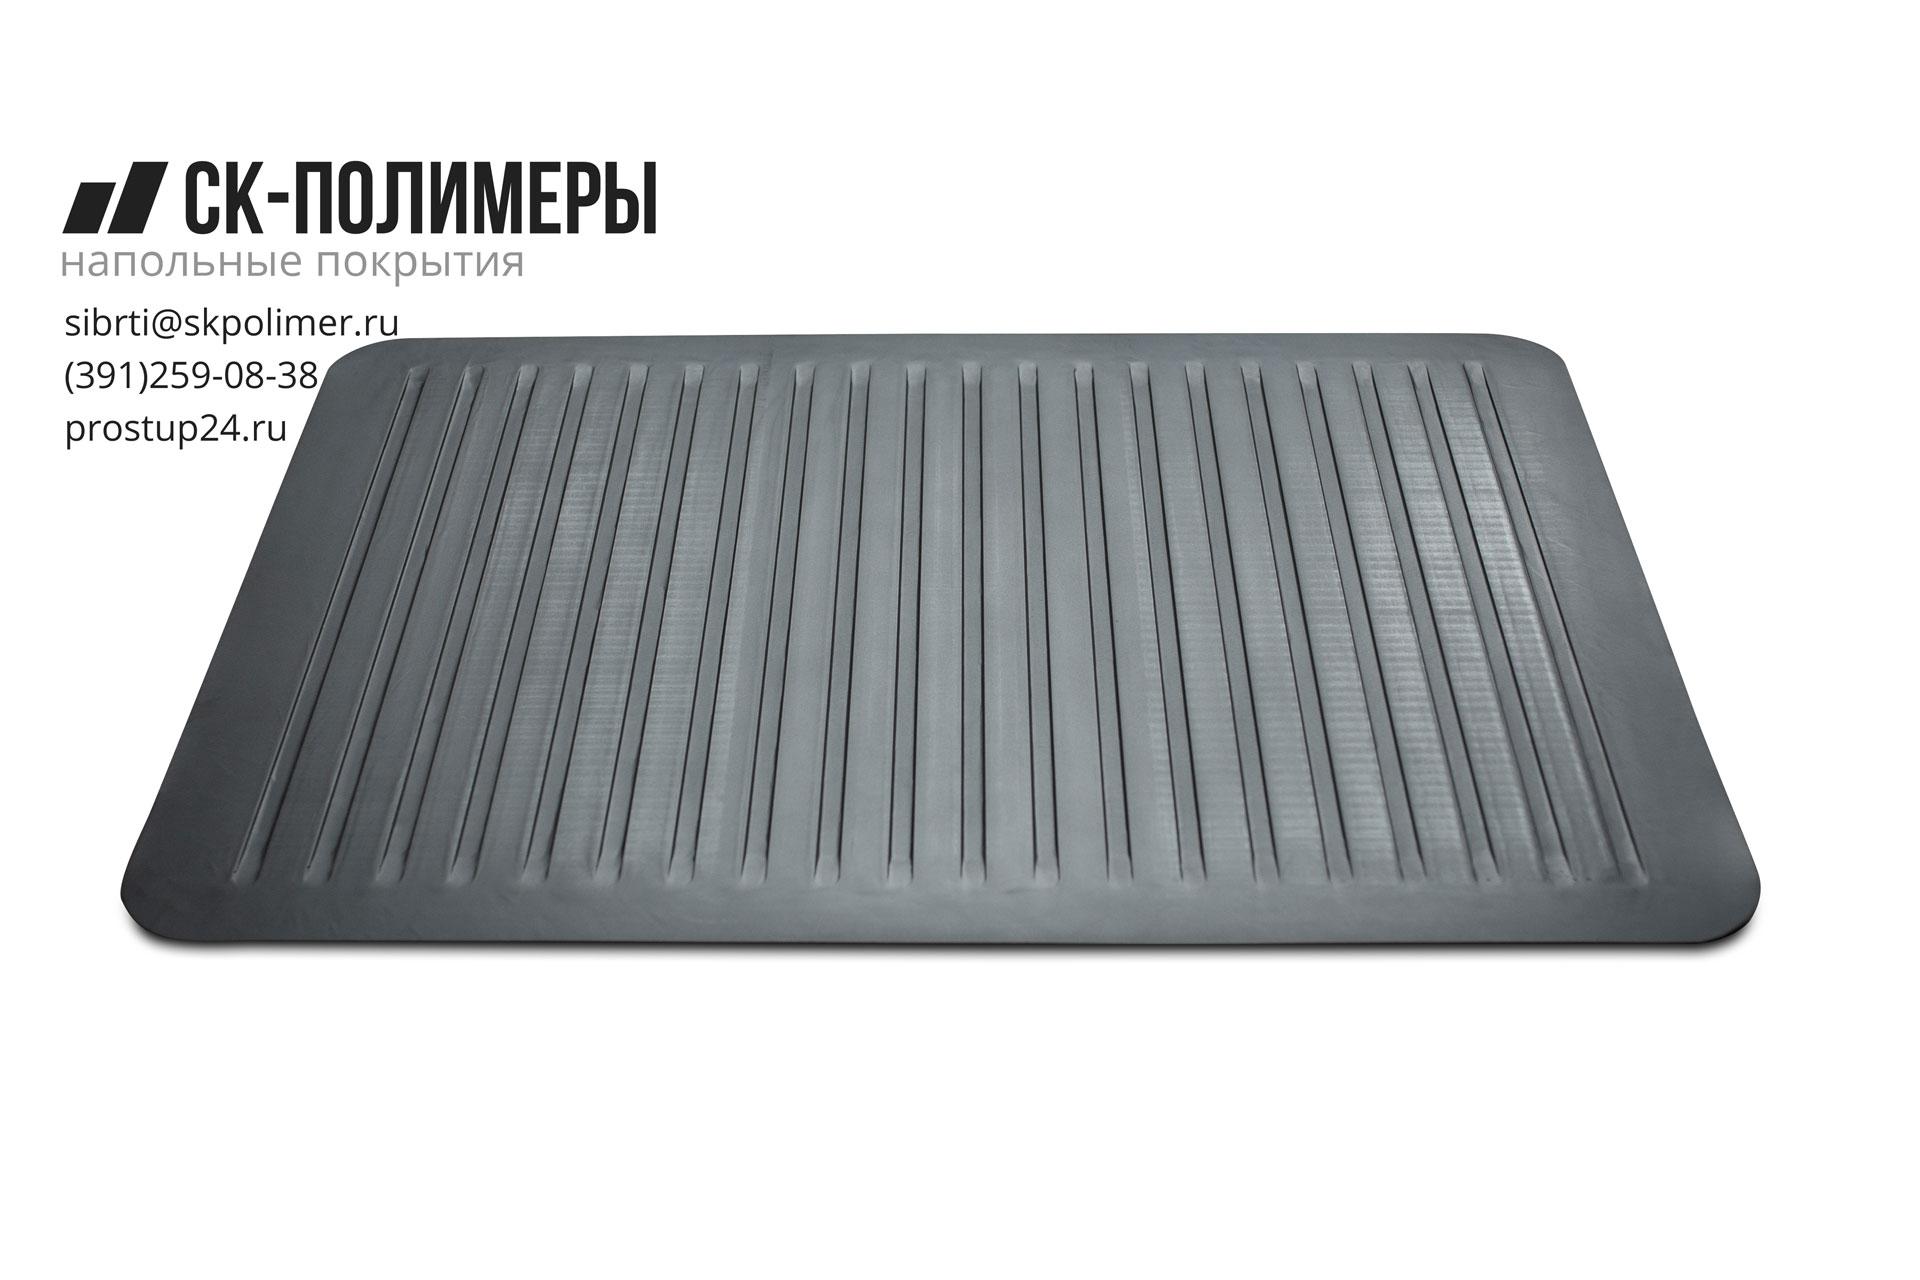 Оборотная сторона коврика comfort mat